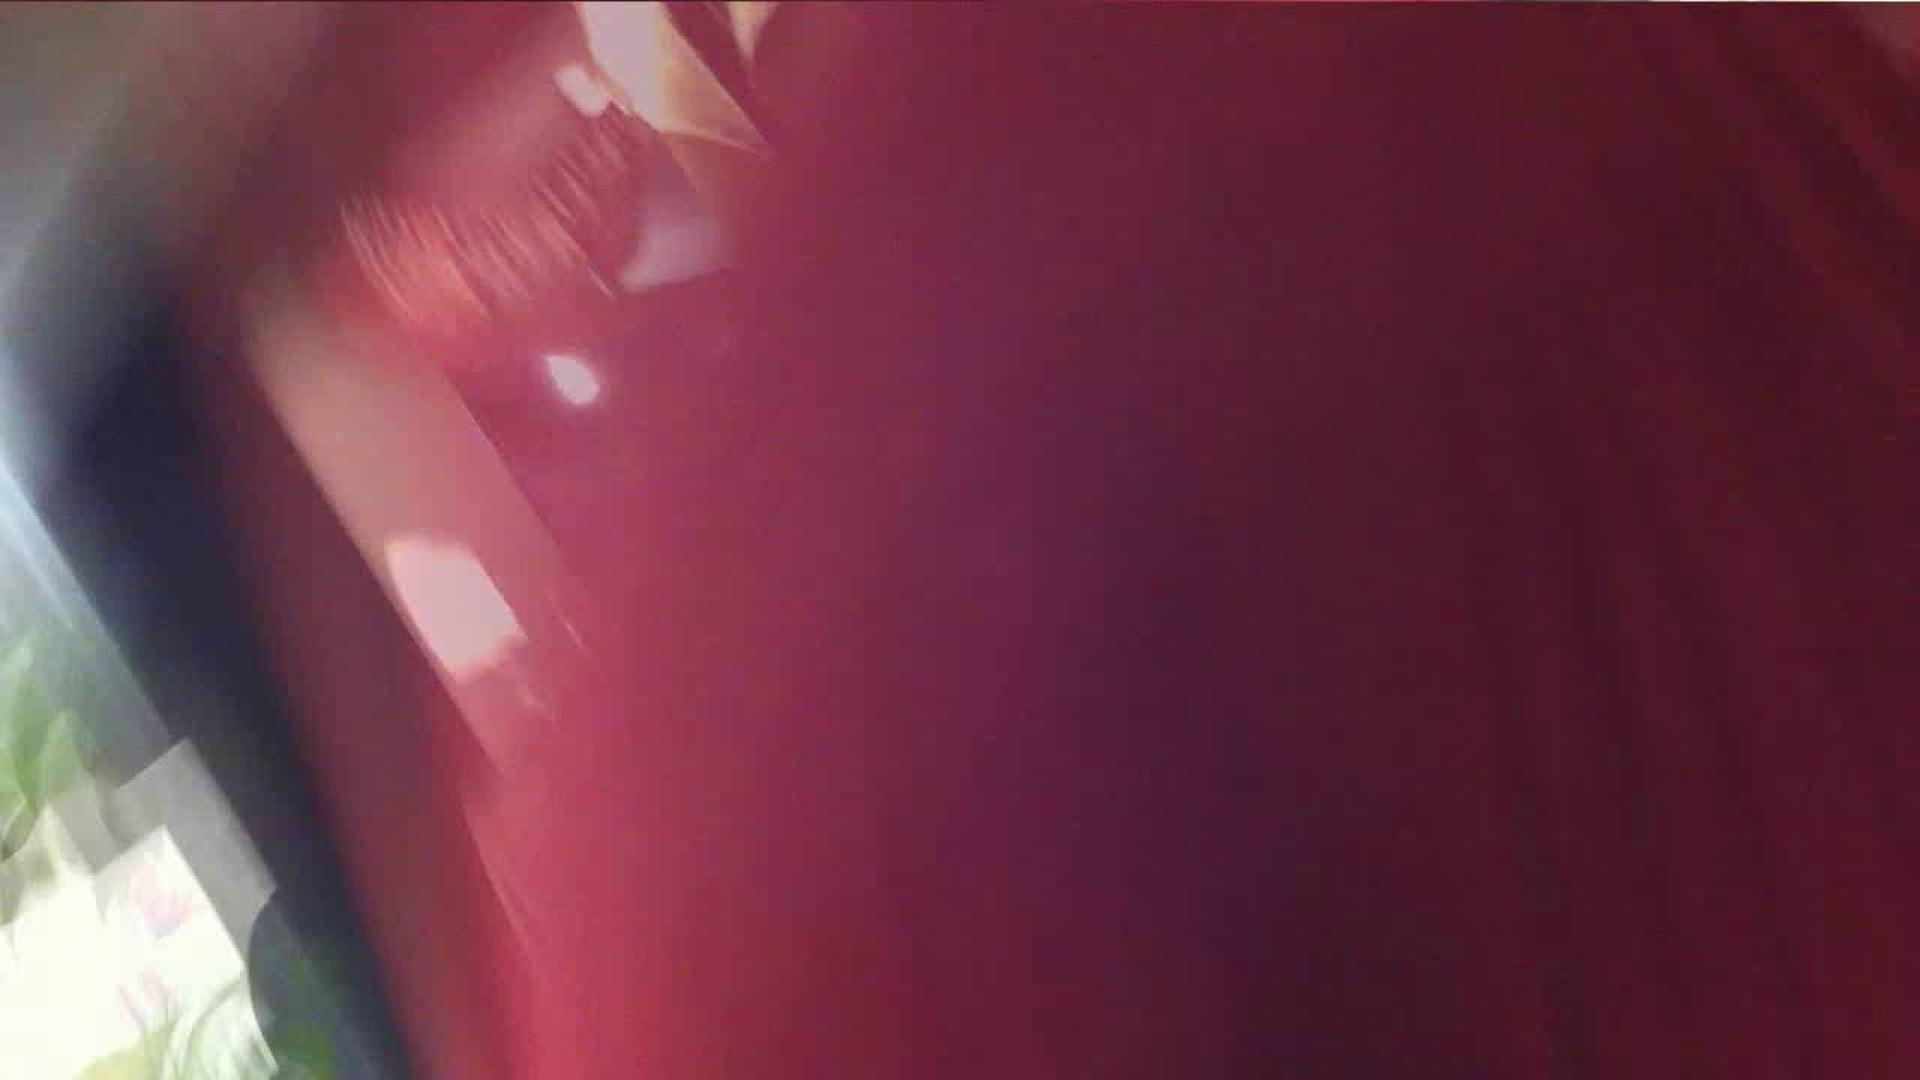 vol.33 美人アパレル胸チラ&パンチラ ギャル系ネーチャンの下着 0   0  73連発 33